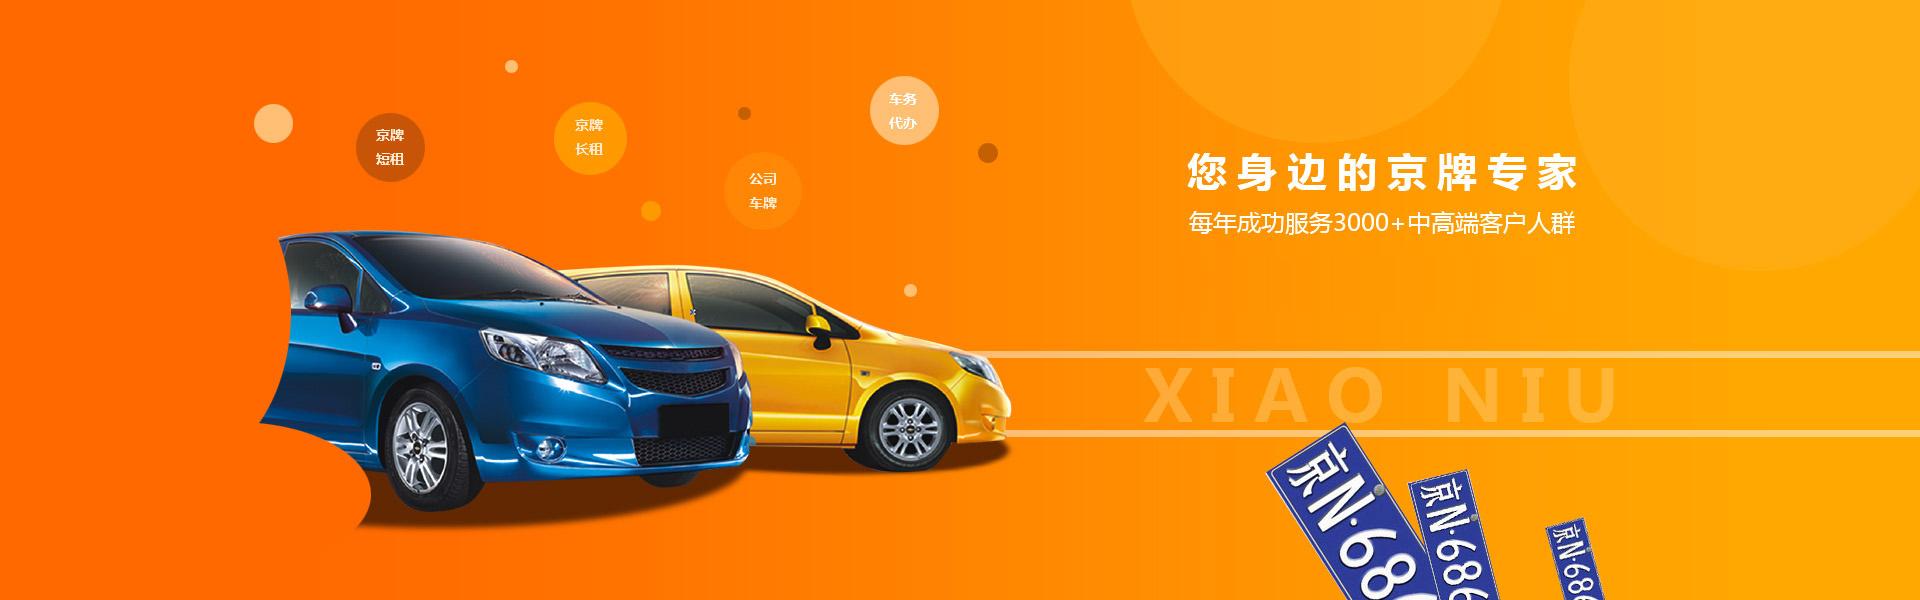 北京车牌号多少钱_北京车牌号首页提供质优价廉的北京车牌及京牌价格